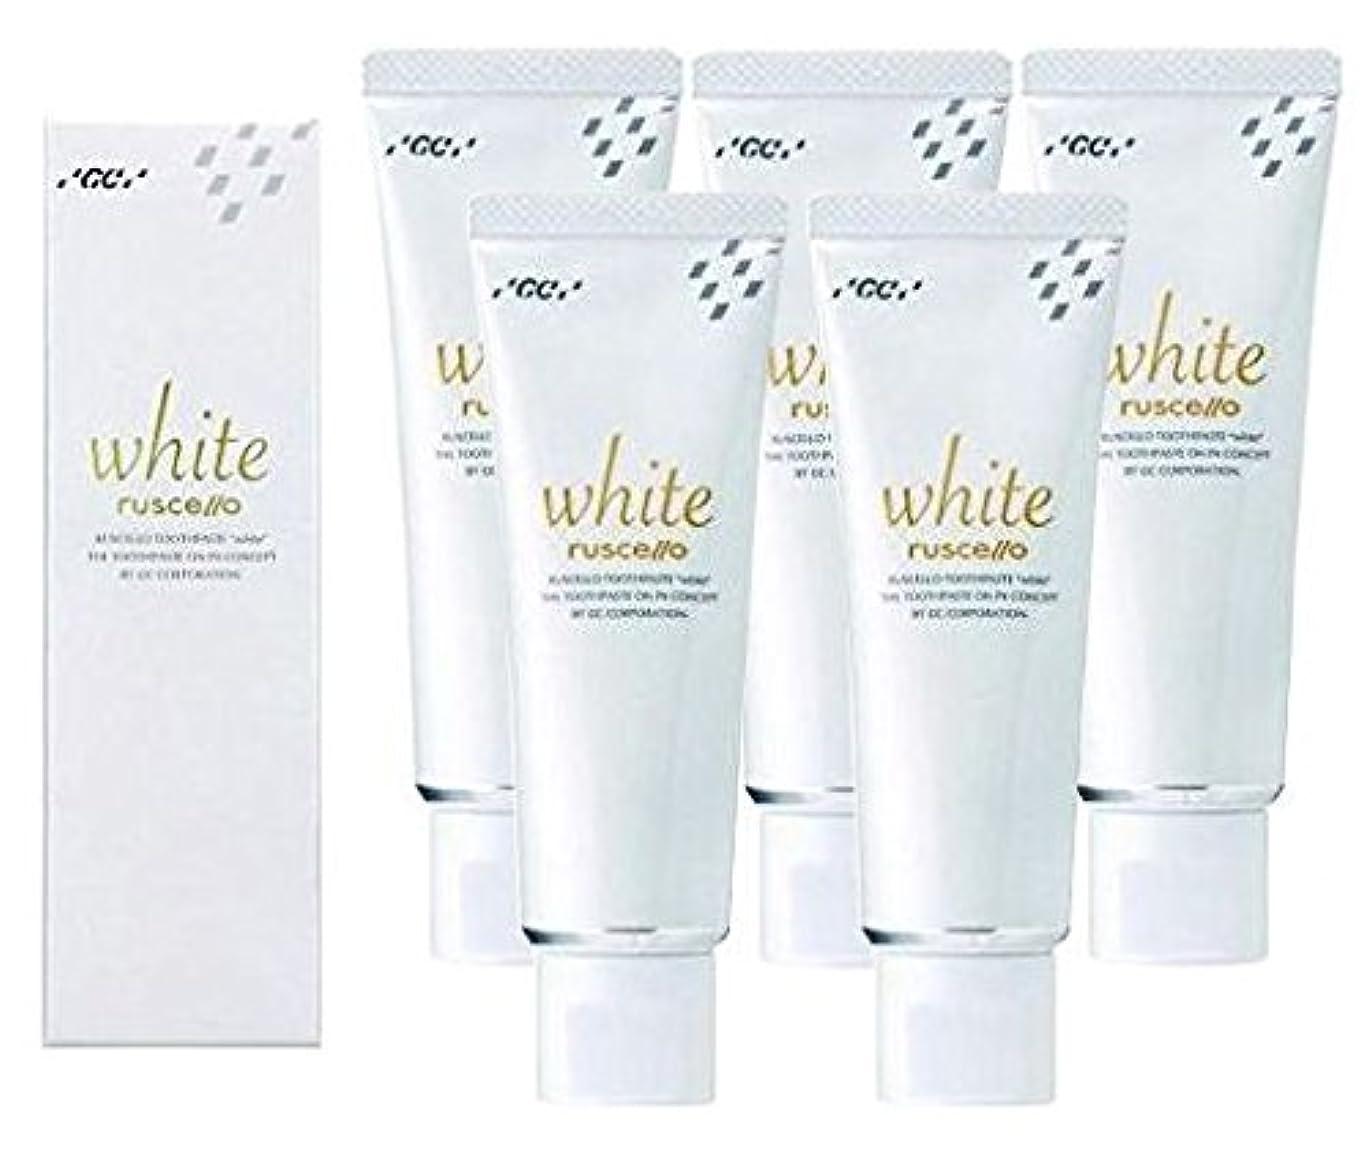 奨励します契約した効果GC ルシェロ 歯みがきペースト ホワイト 100g × 5本 医薬部外品